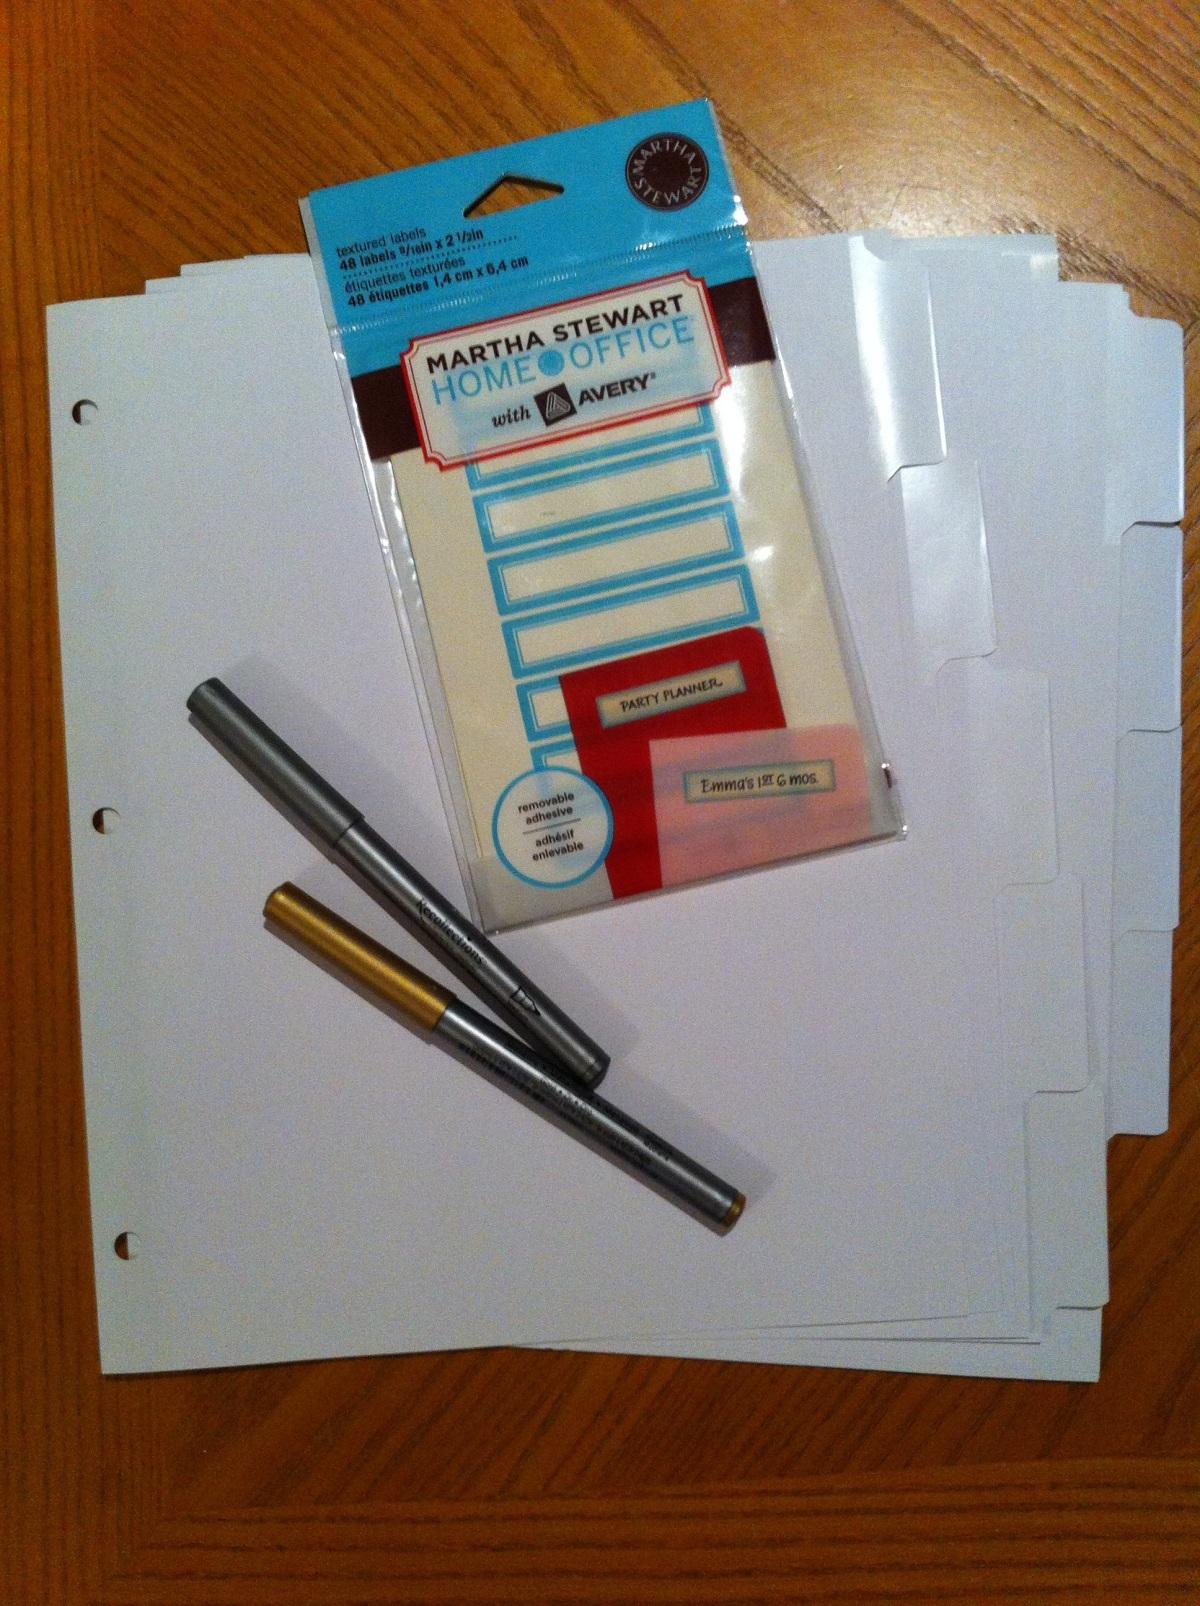 divider tabs, labels, pens